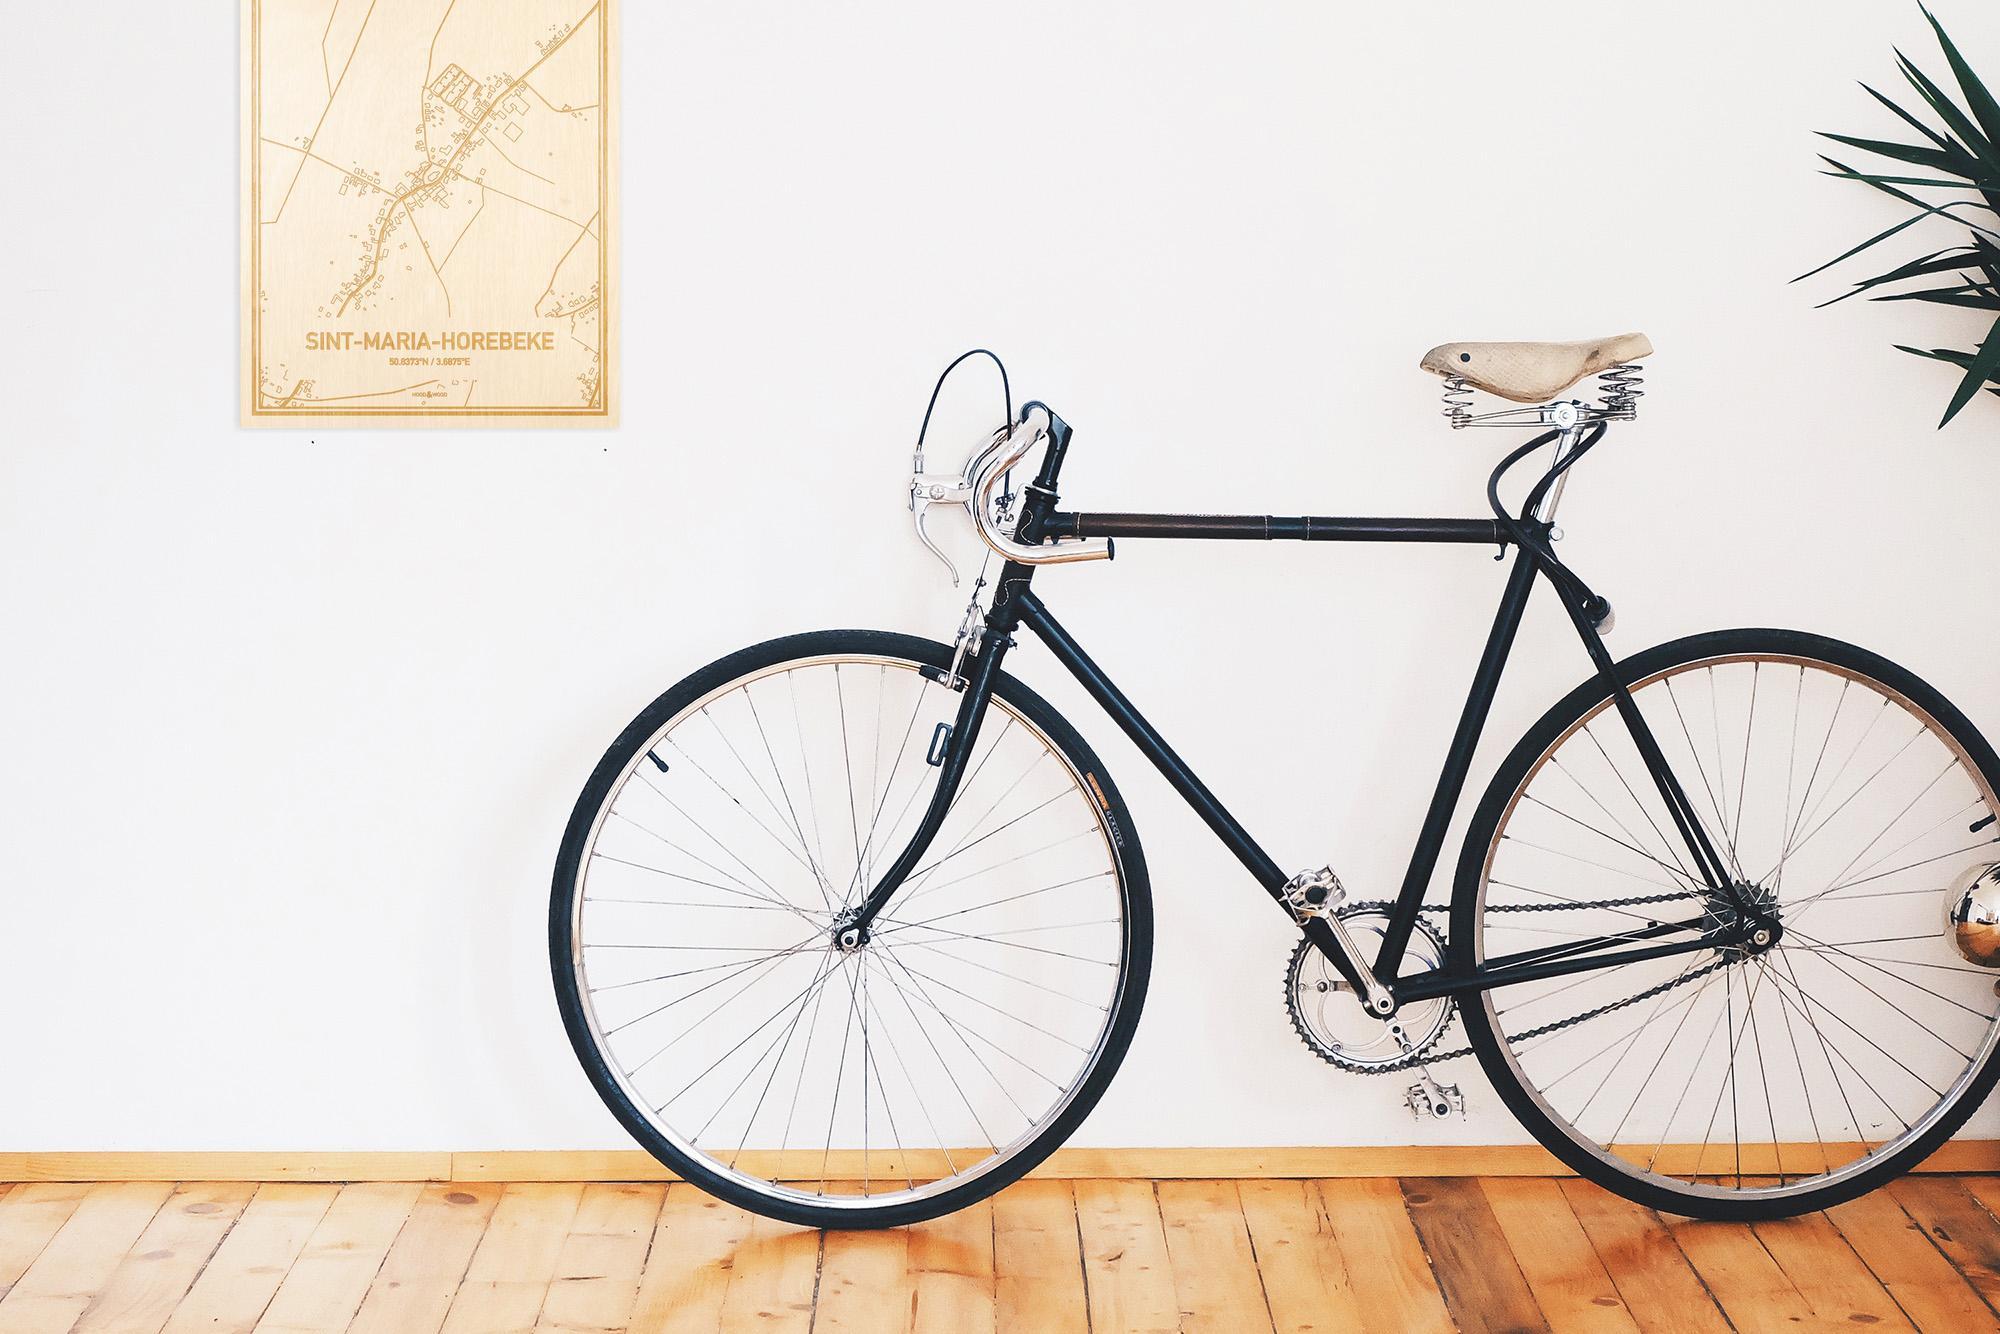 Een snelle fiets in een uniek interieur in Oost-Vlaanderen  met mooie decoratie zoals de plattegrond Sint-Maria-Horebeke.